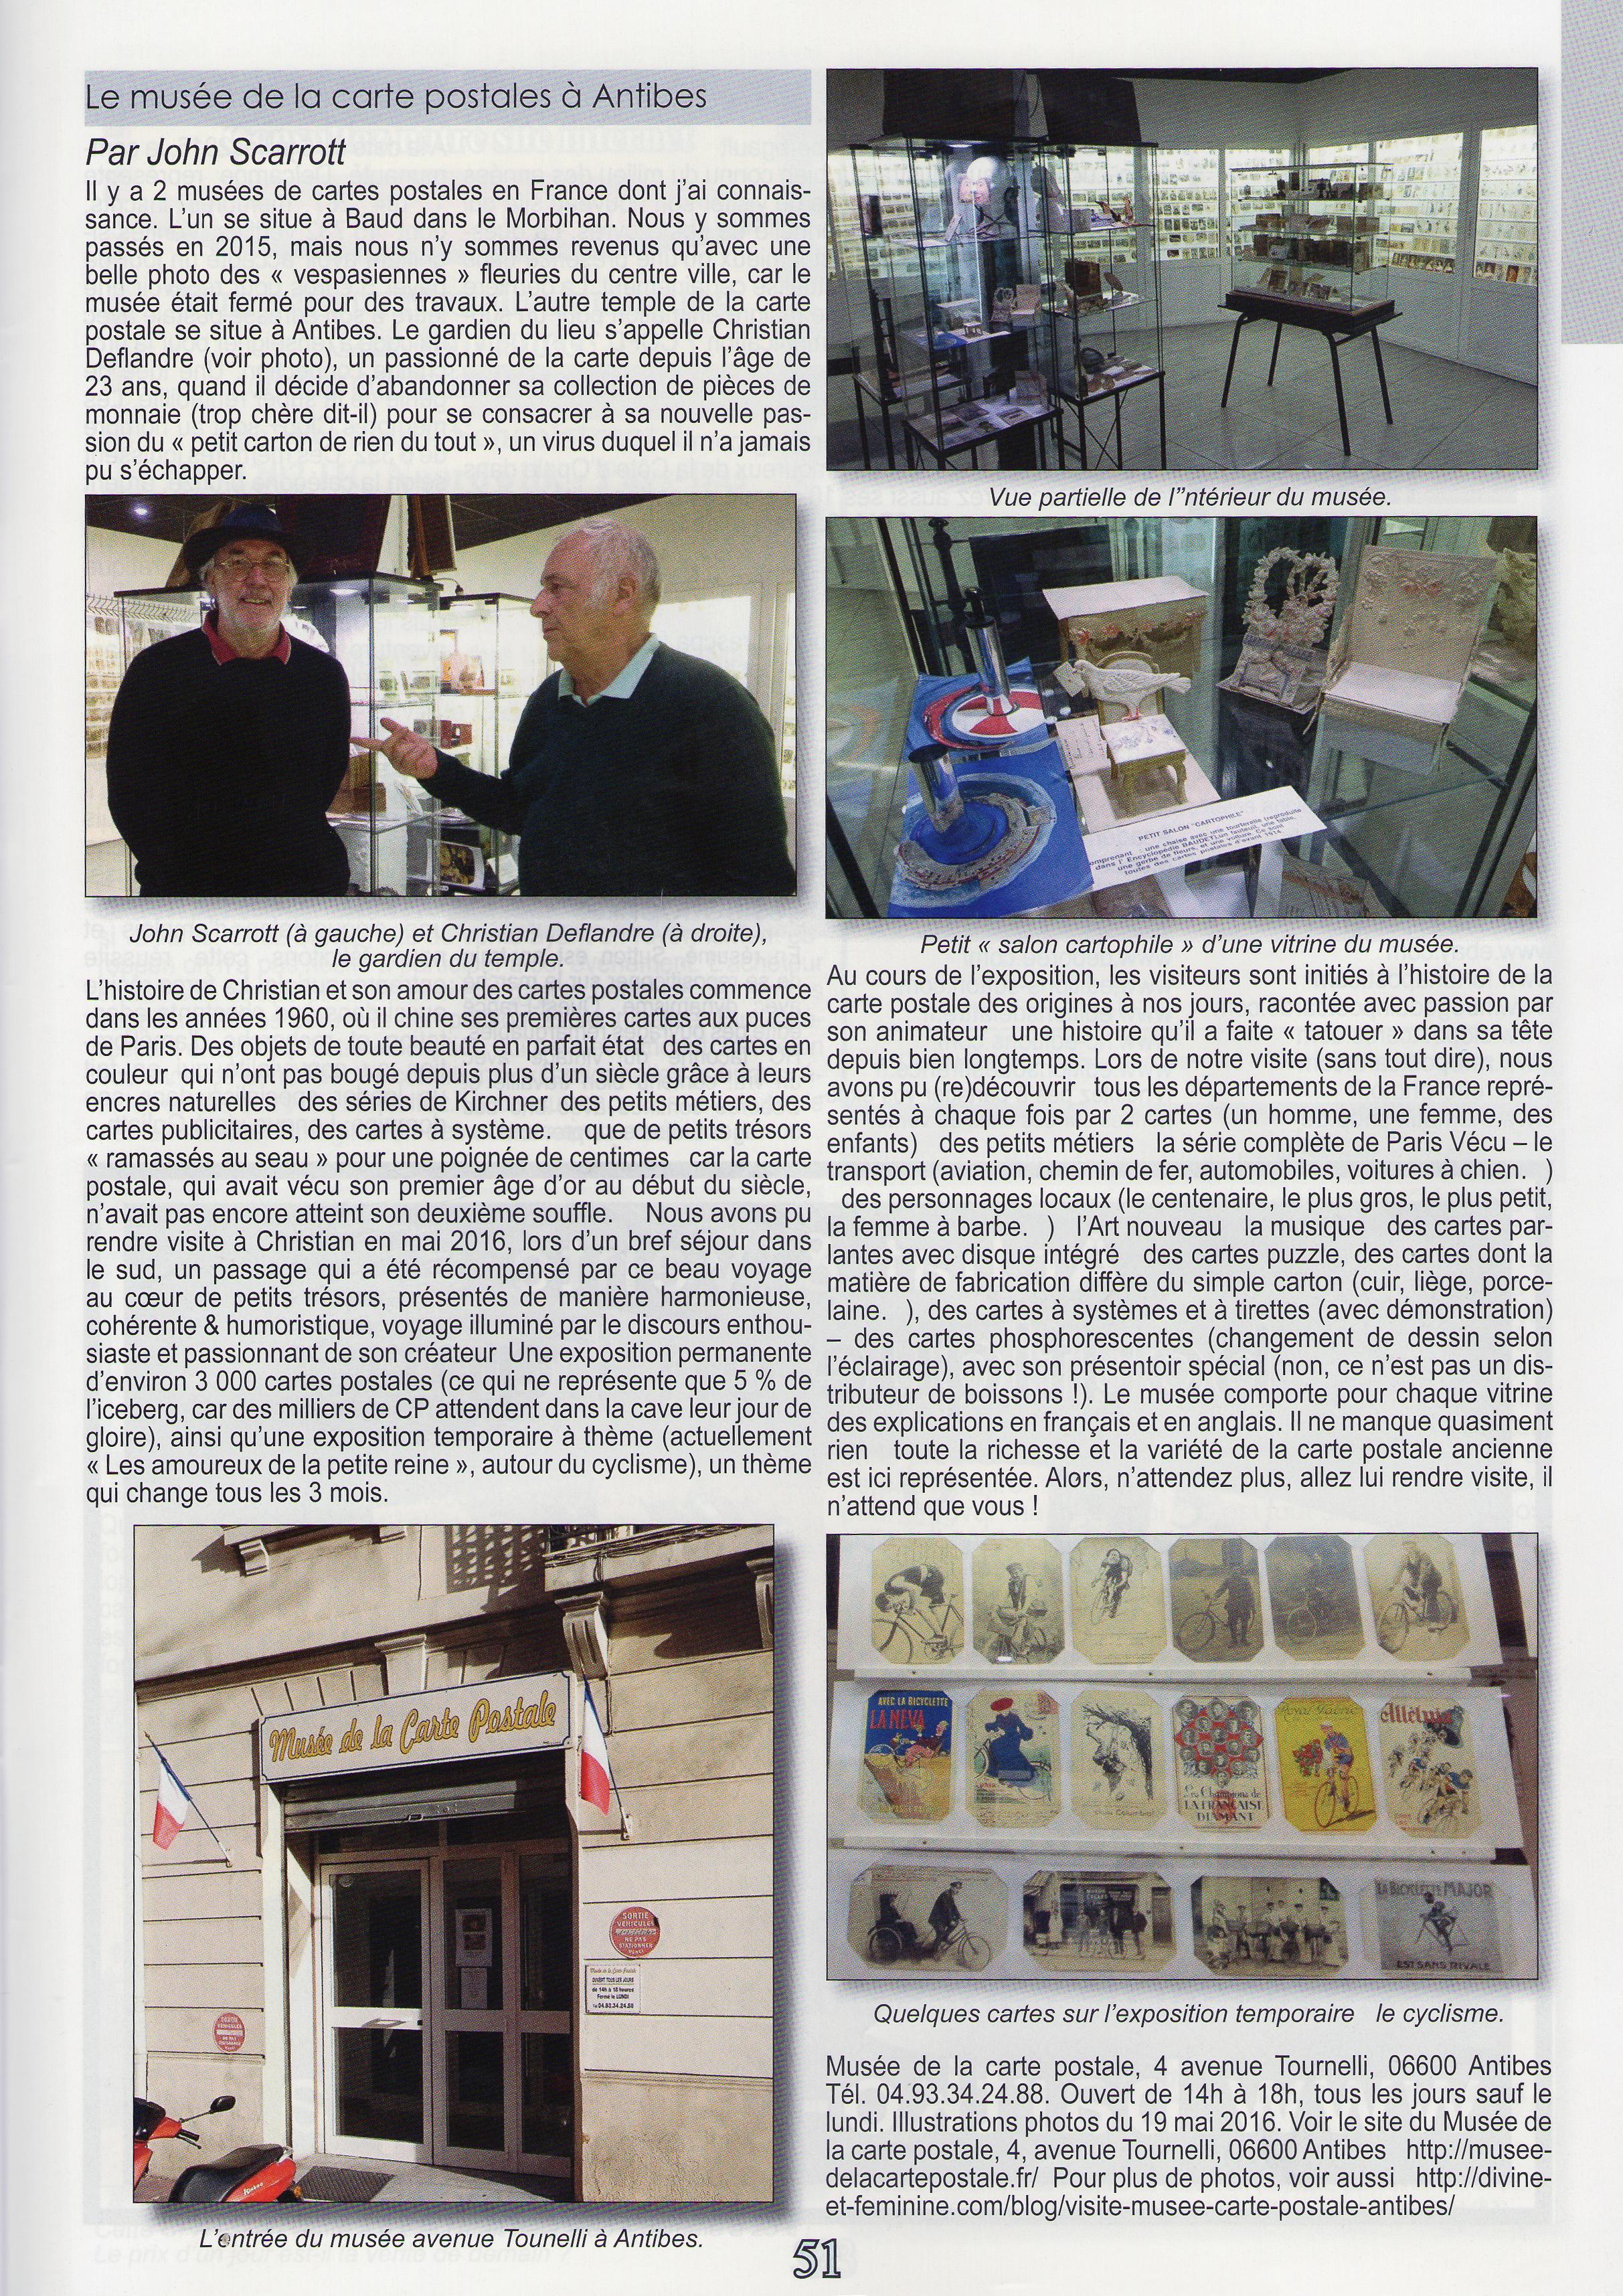 Article sur le musée de la carte postale d'Antibes, dans le carte postale magazine n°24 de juillet août 2016.